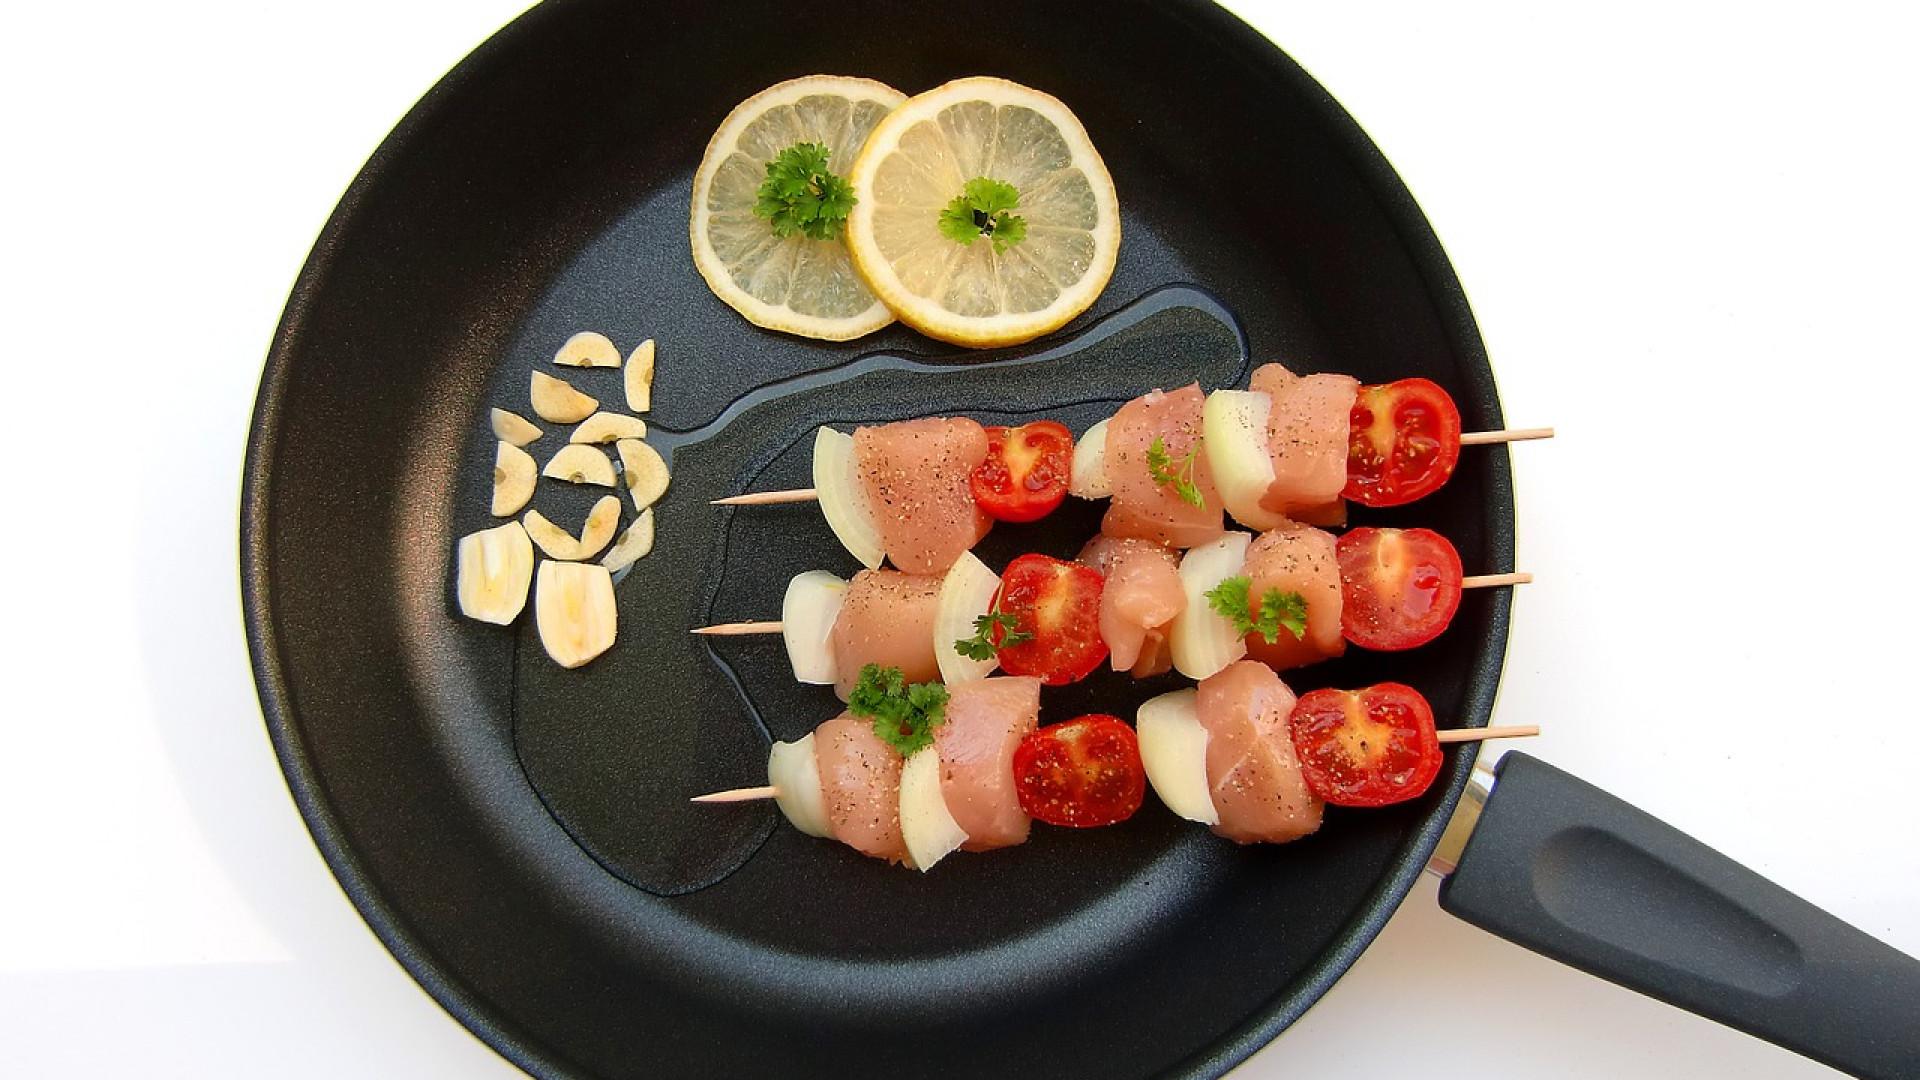 Choisissez une viande qualitative pour votre barbecue